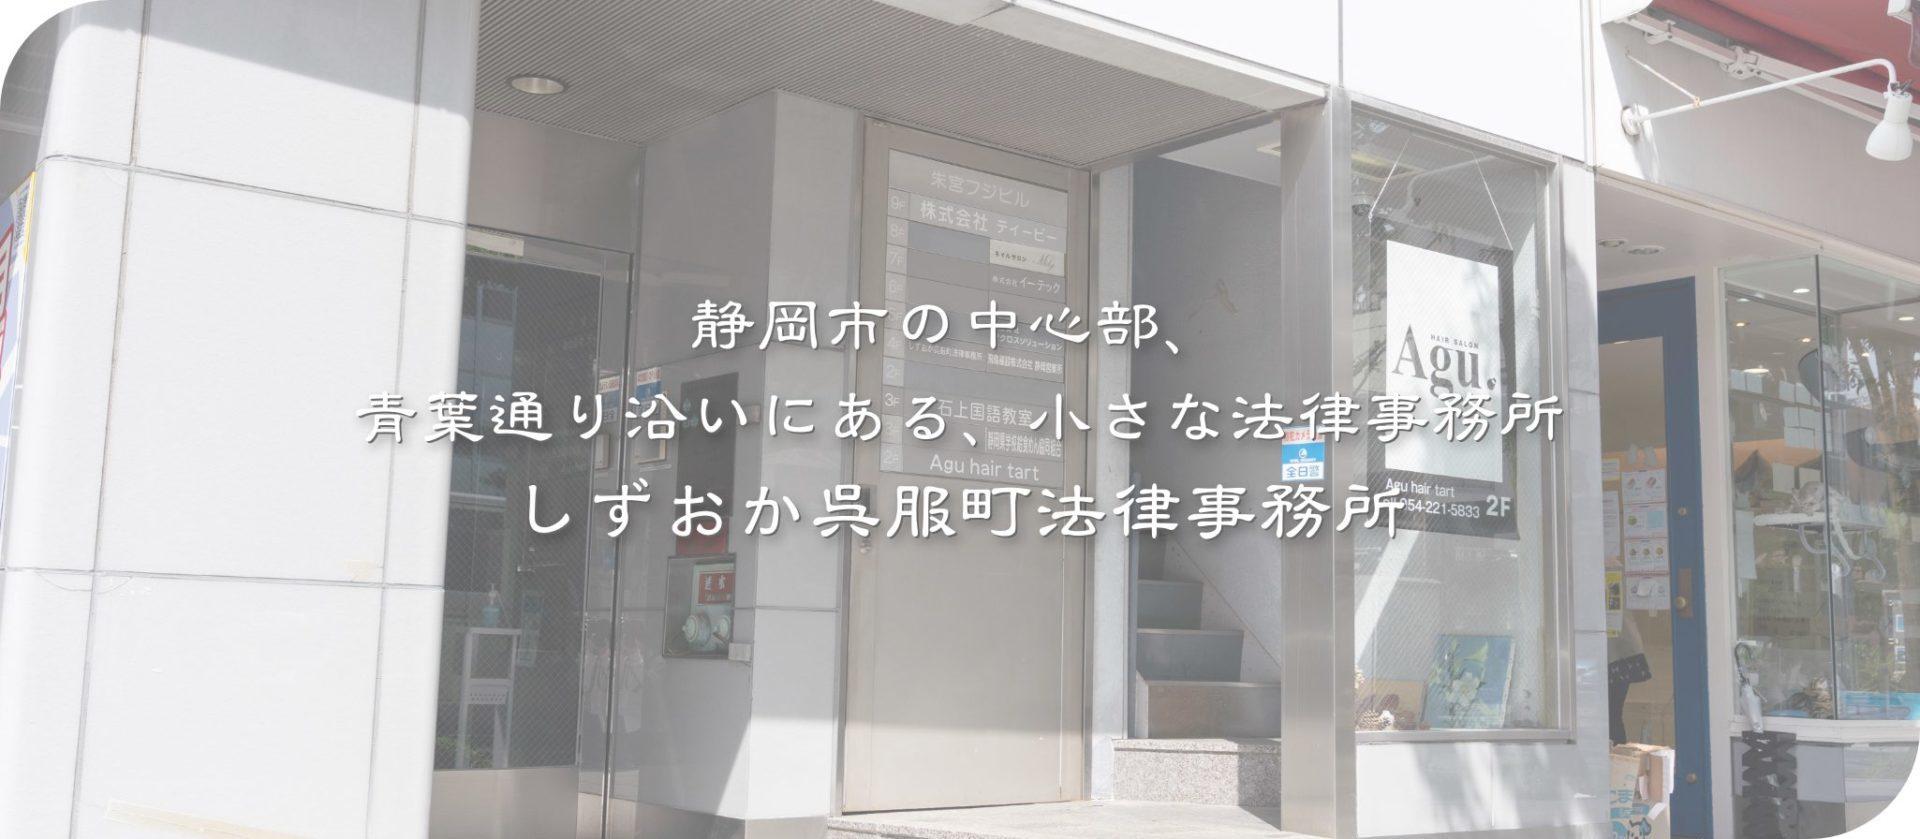 静岡市の中心部、青葉通り沿いにある、小さな法律事務所 しずおか呉服町法律事務所